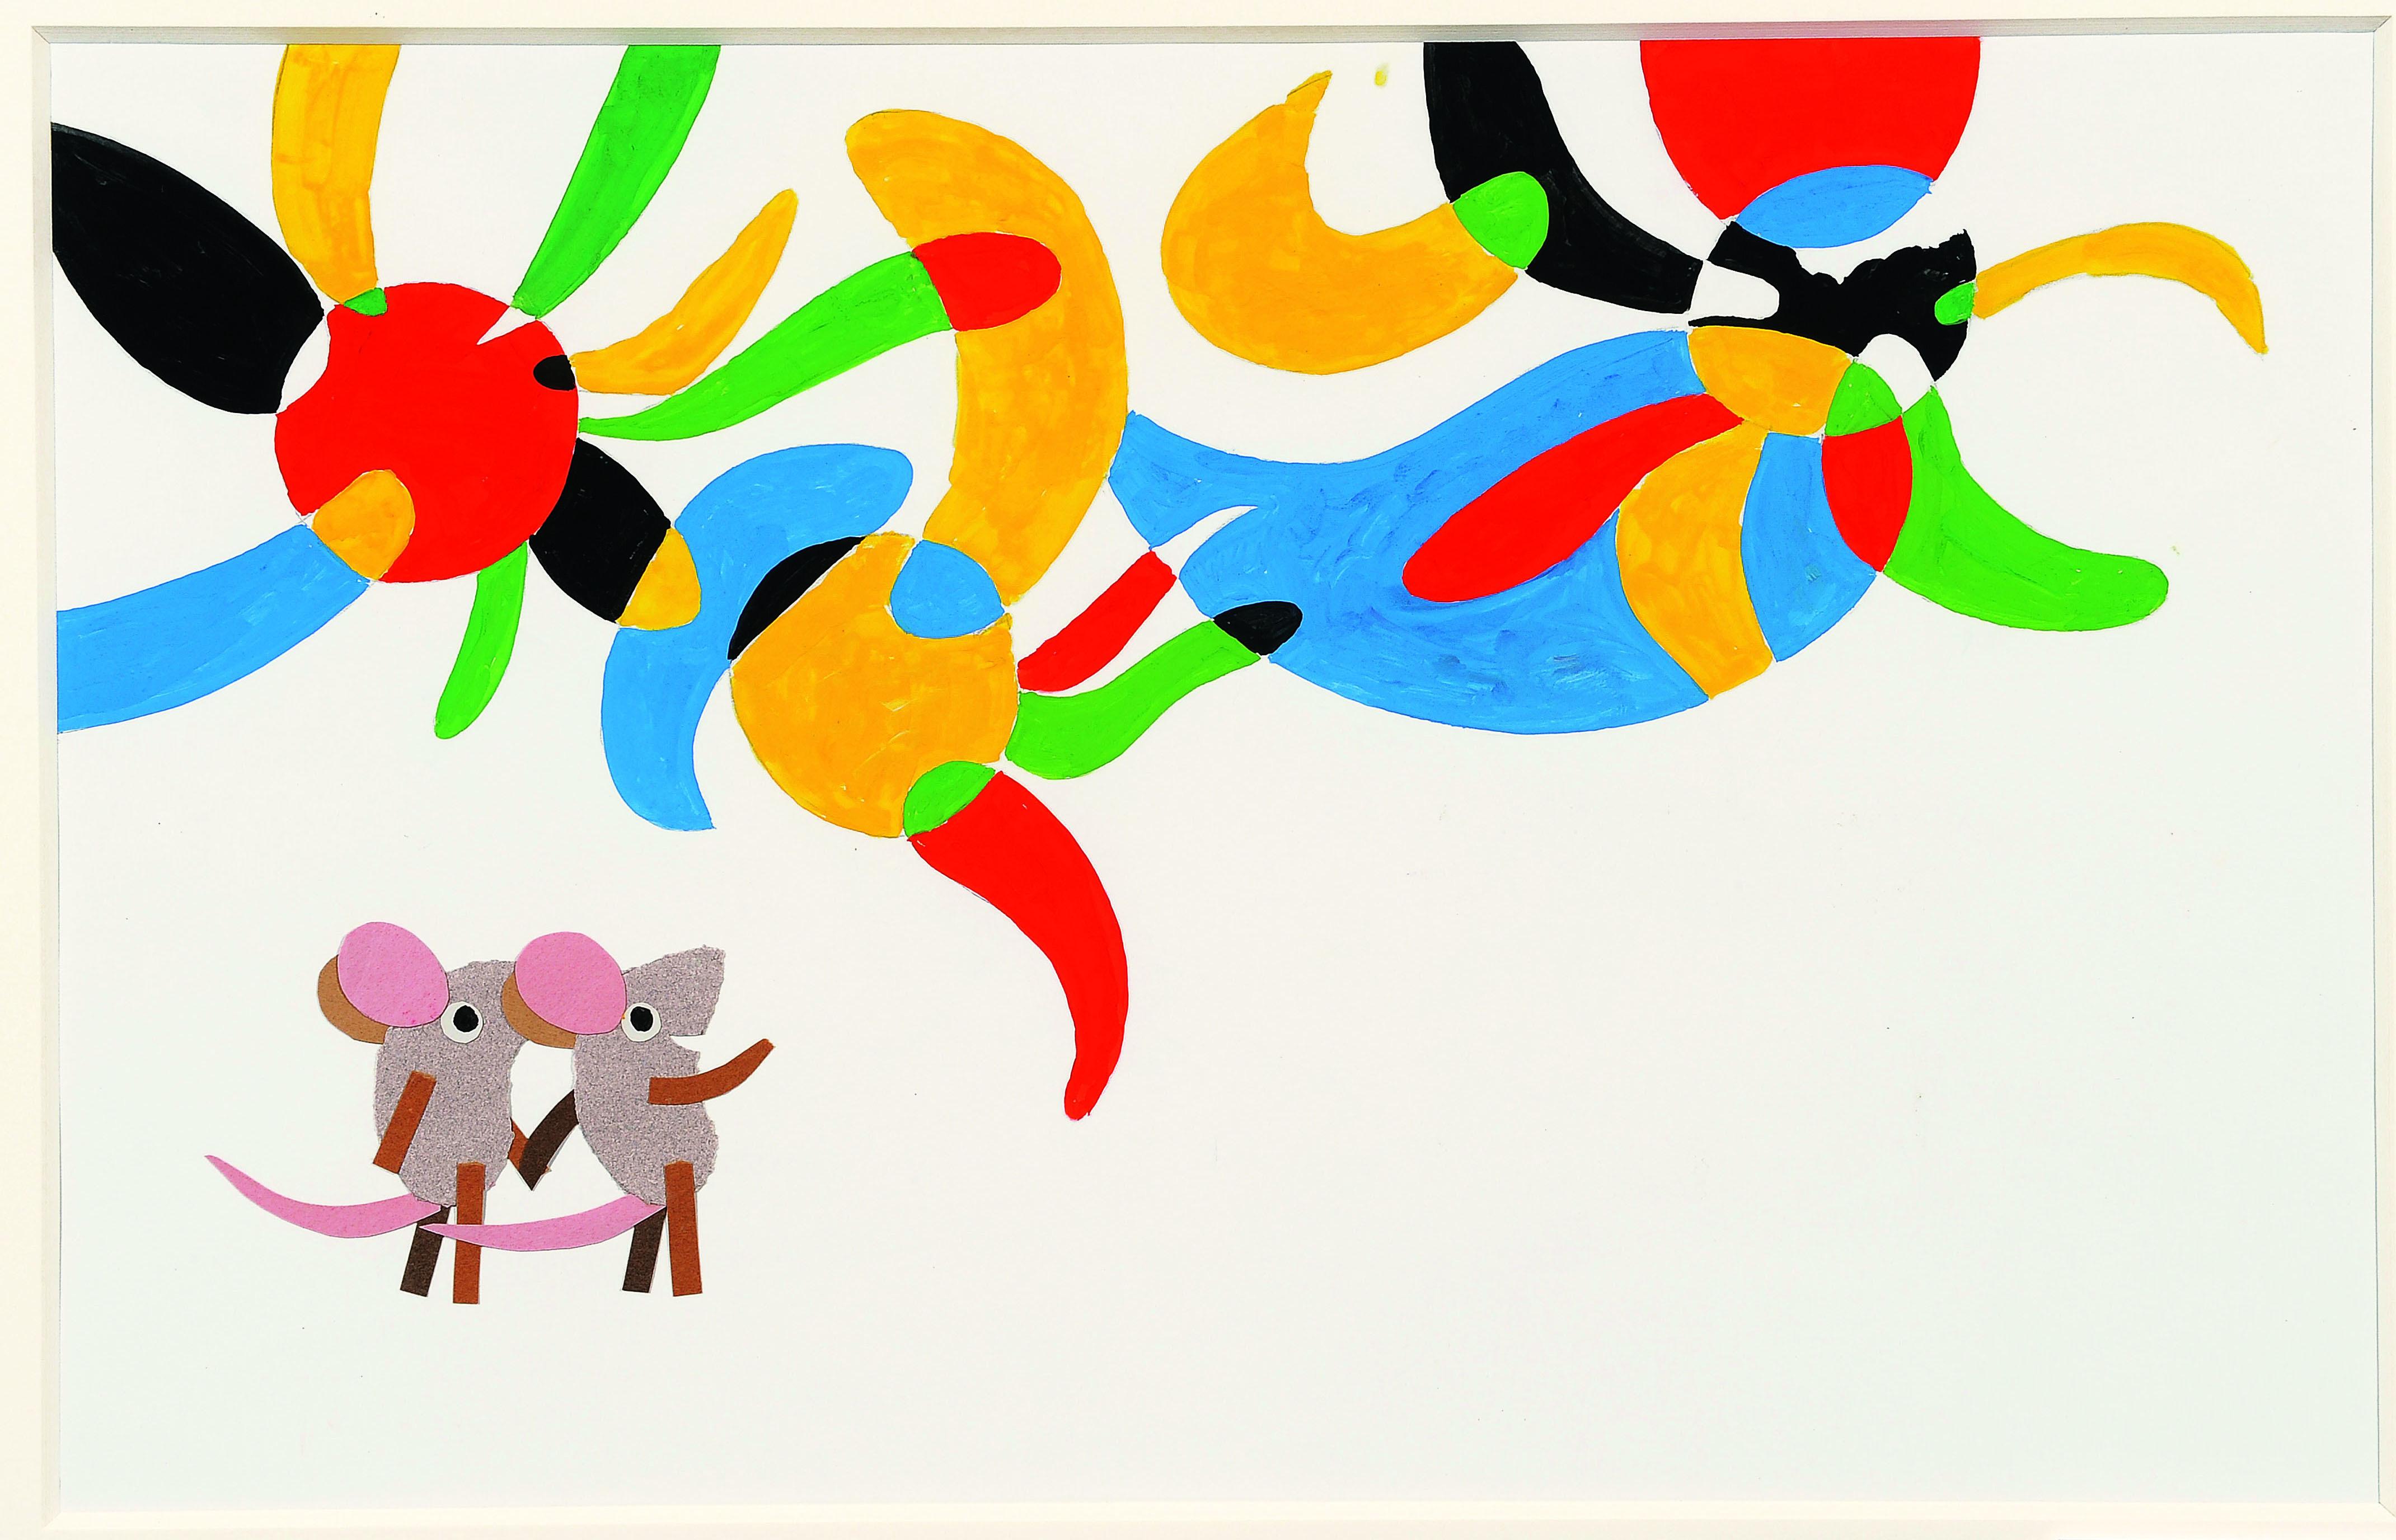 「マシューのゆめ」 1991年 鉛筆、水彩、コラージュ、紙 51×63.6cm Matthew' s Dream (C)1991  by Leo Lionni / Knopf Works by Leo Lionni, On Loan By The Lionni Family